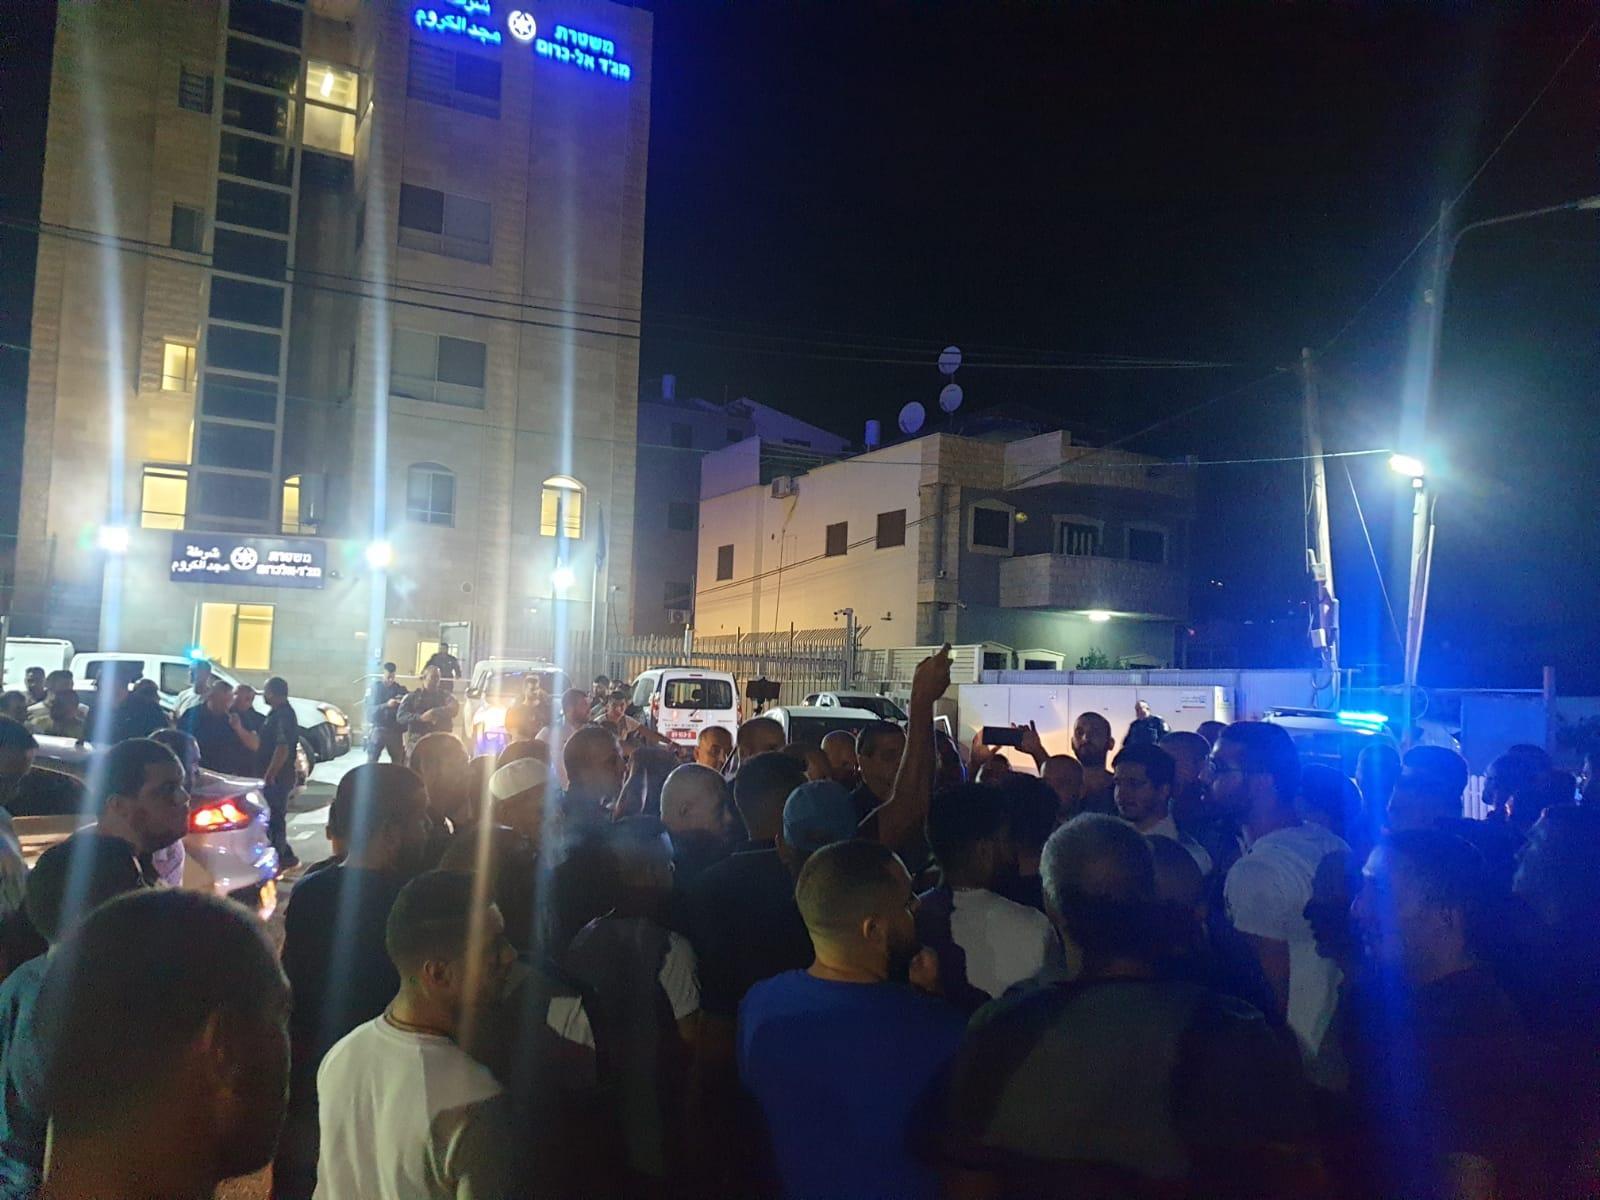 ثلاثاء دام: العنف يضرب في البلدات العربية